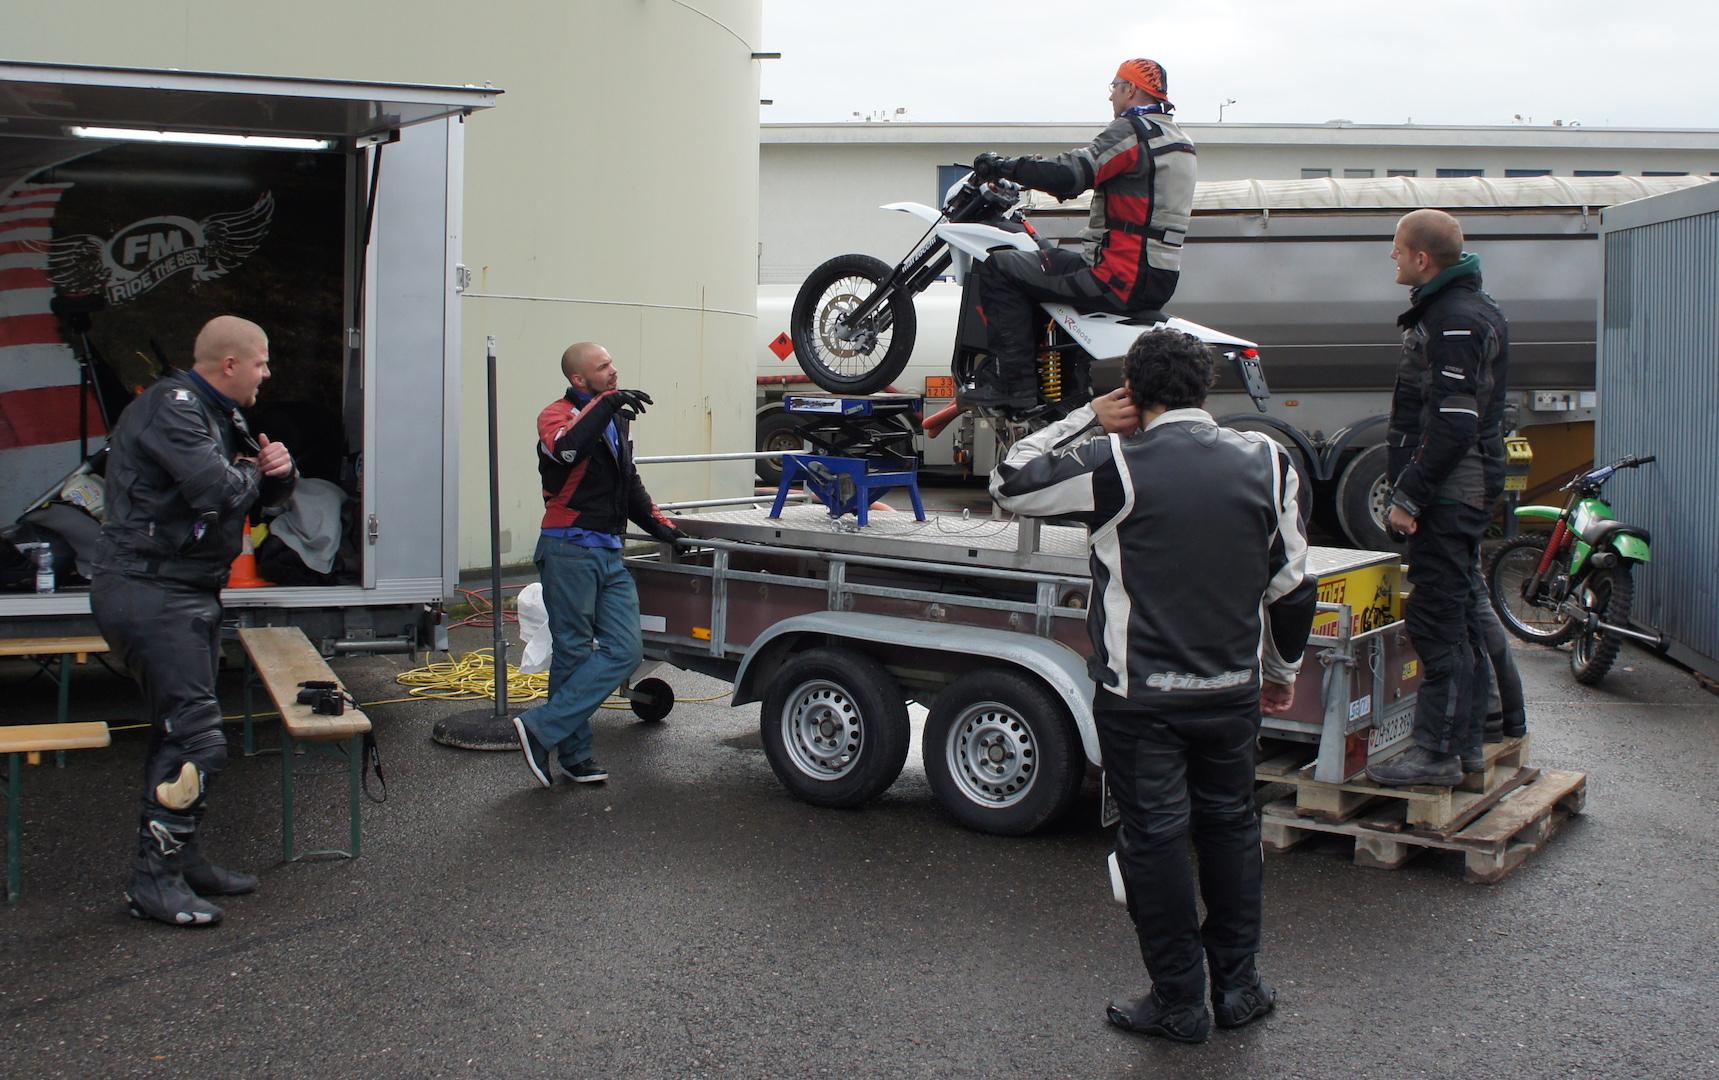 cours wheeling avec l 39 cole fm mannhard le site suisse de l 39 information moto. Black Bedroom Furniture Sets. Home Design Ideas